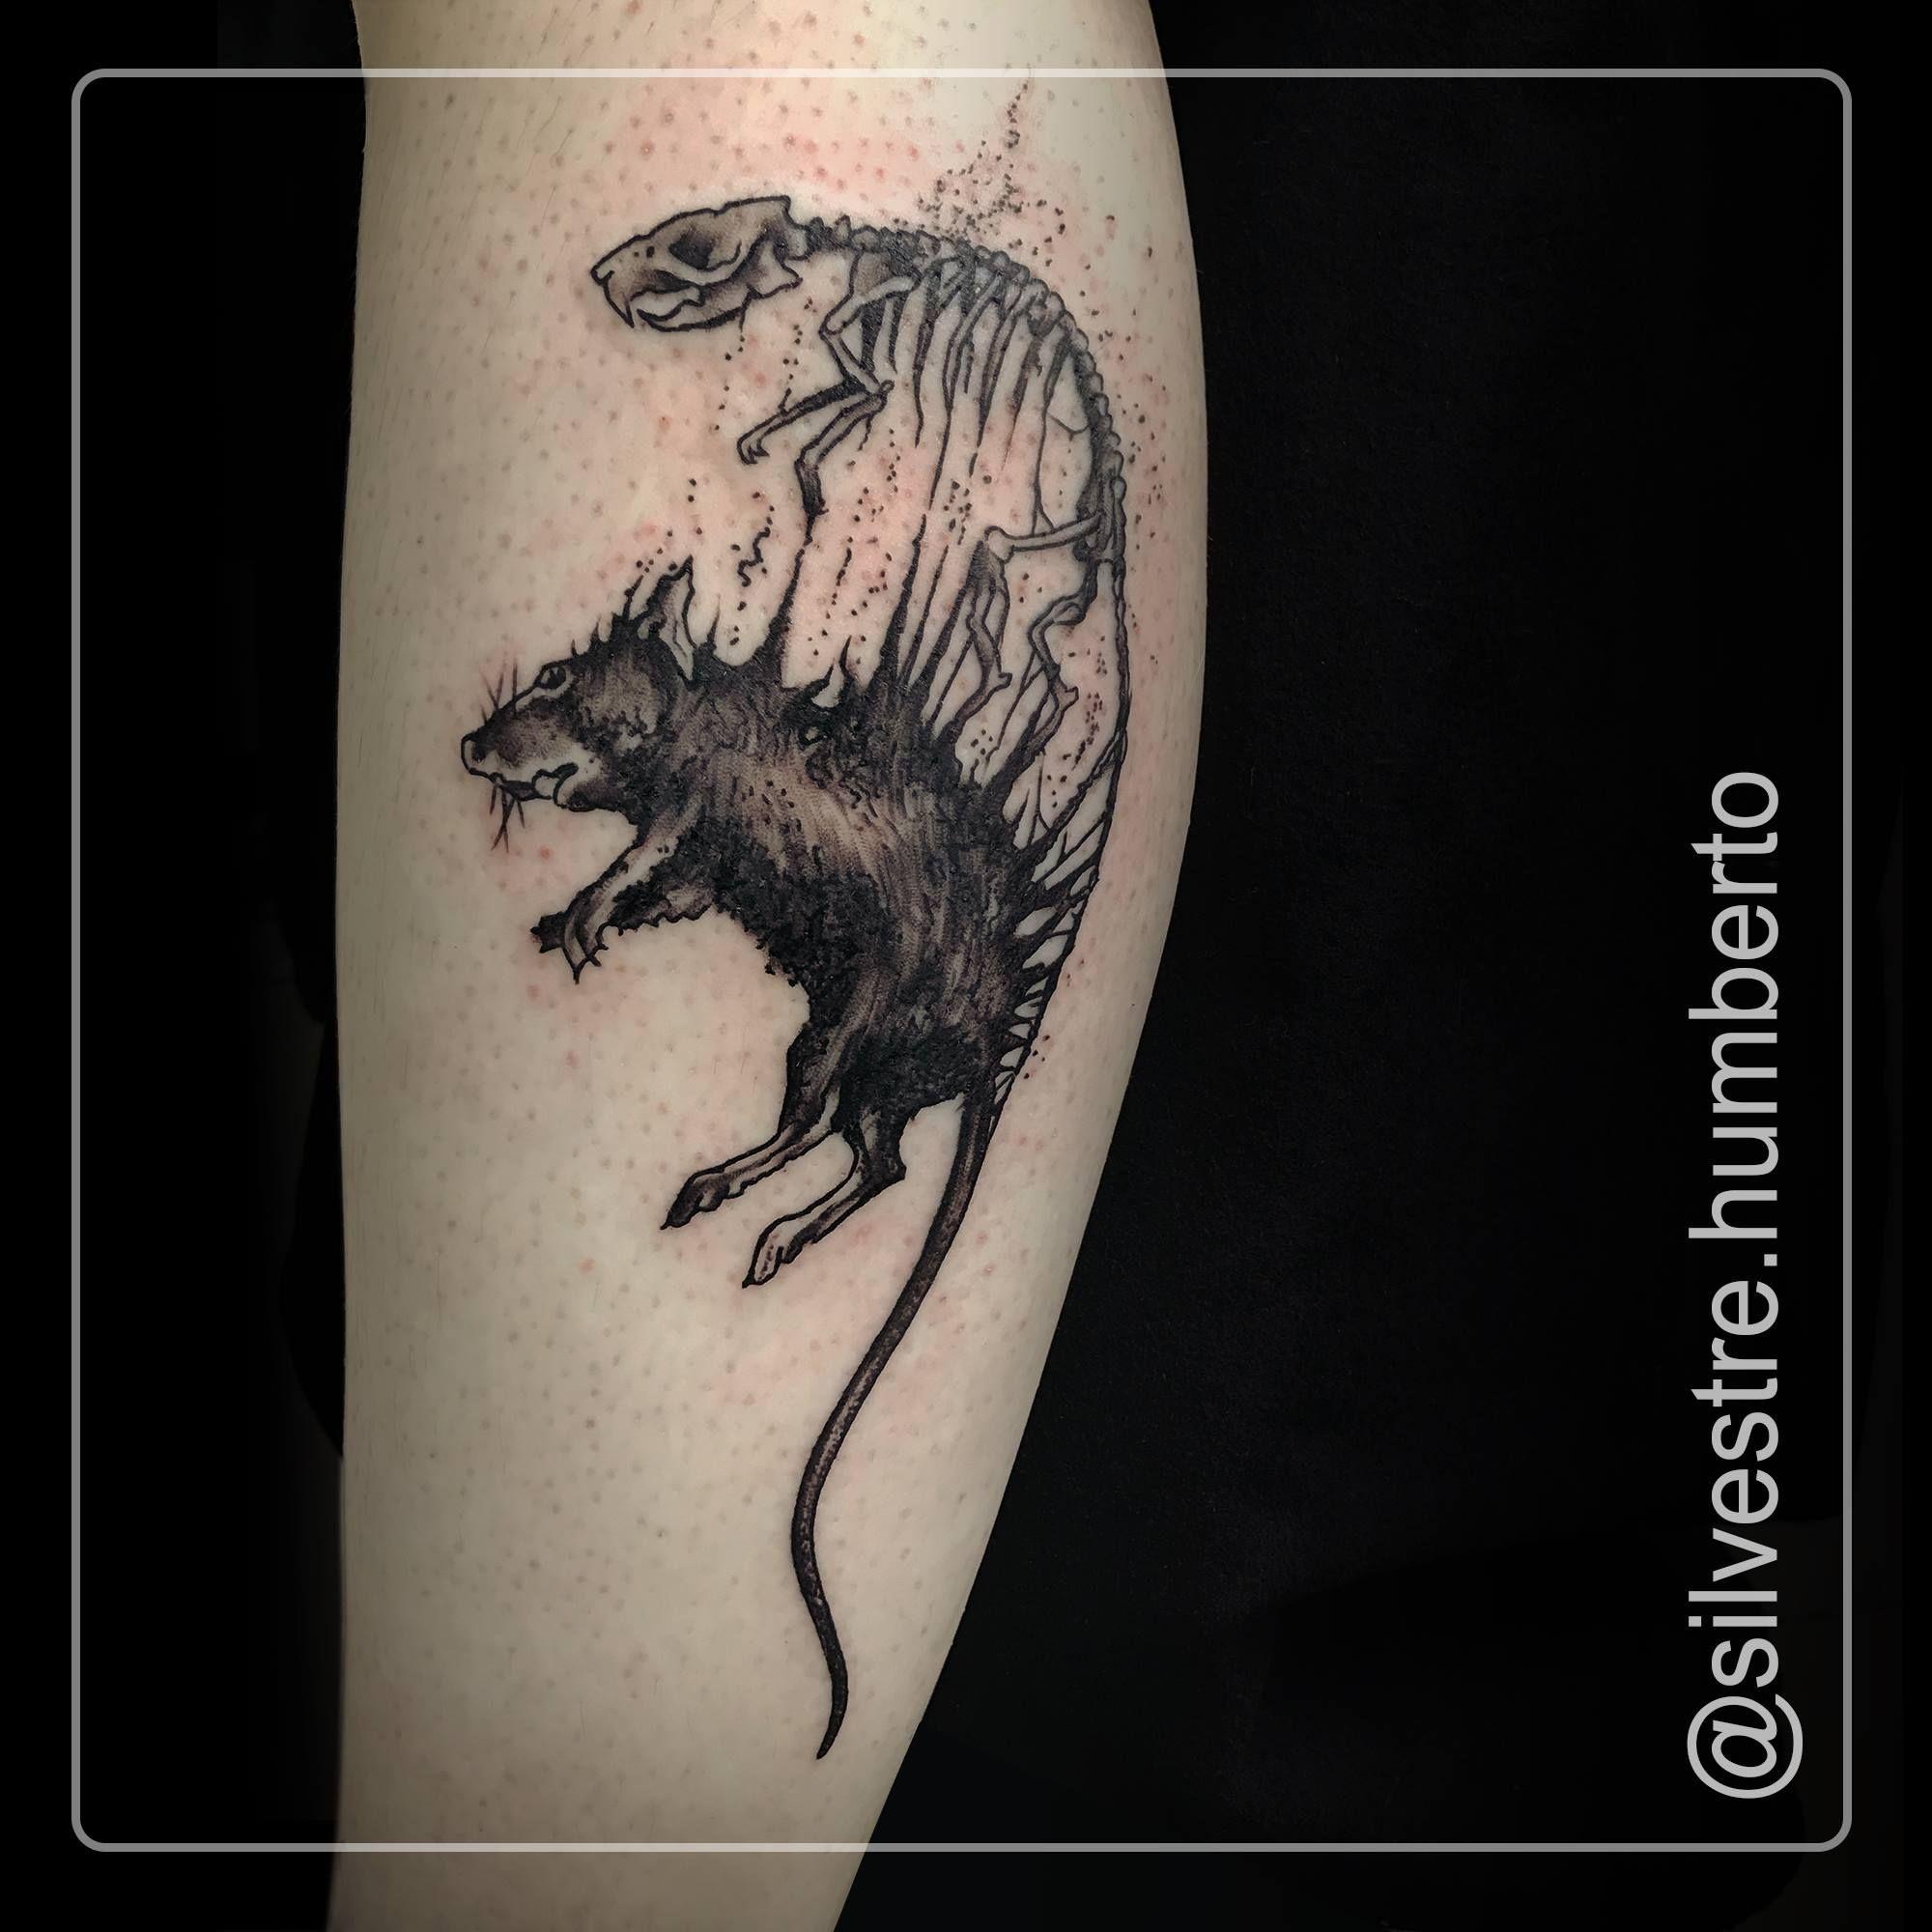 Tattoo Ideas Magazine: @humbertotattoo @GoldenMachine #tattoo #tattoos